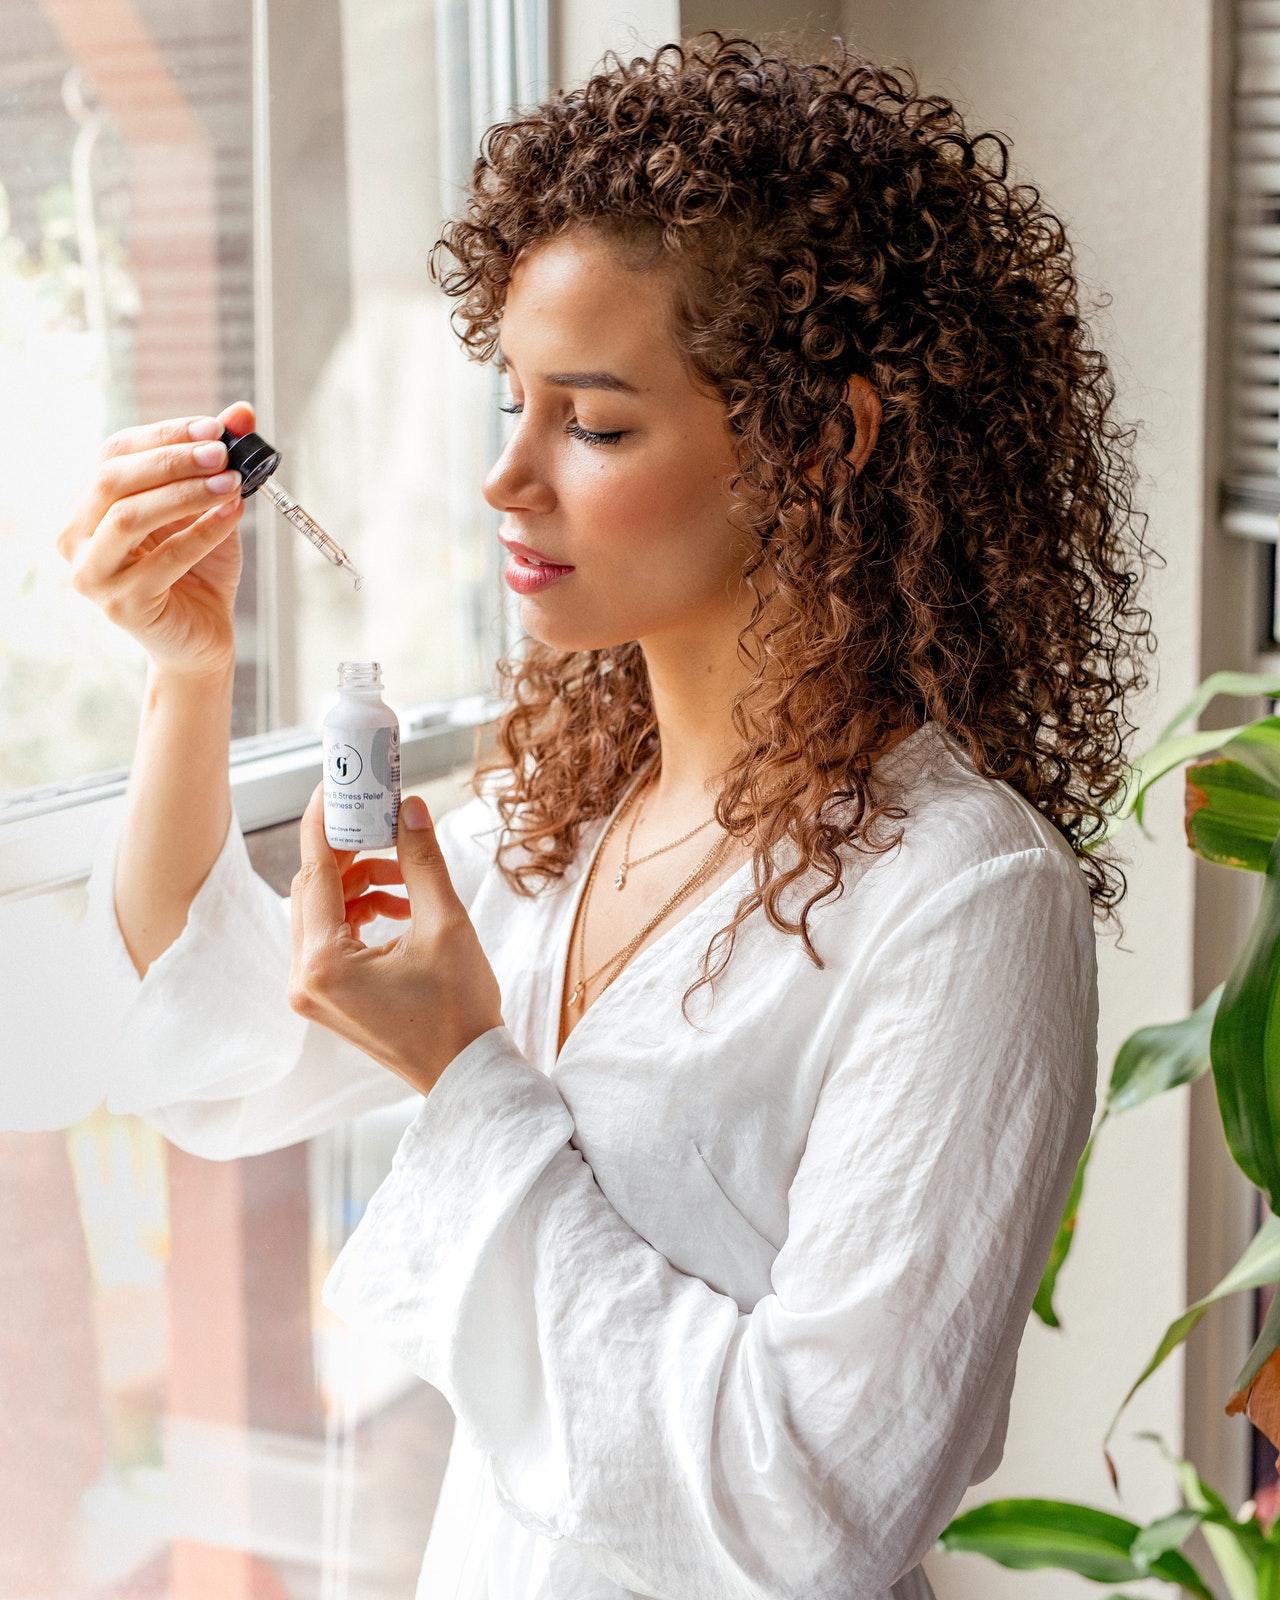 Kuracja witaminowa dla włosów – postaw na naturalne metody, doceniane przez ekspertów